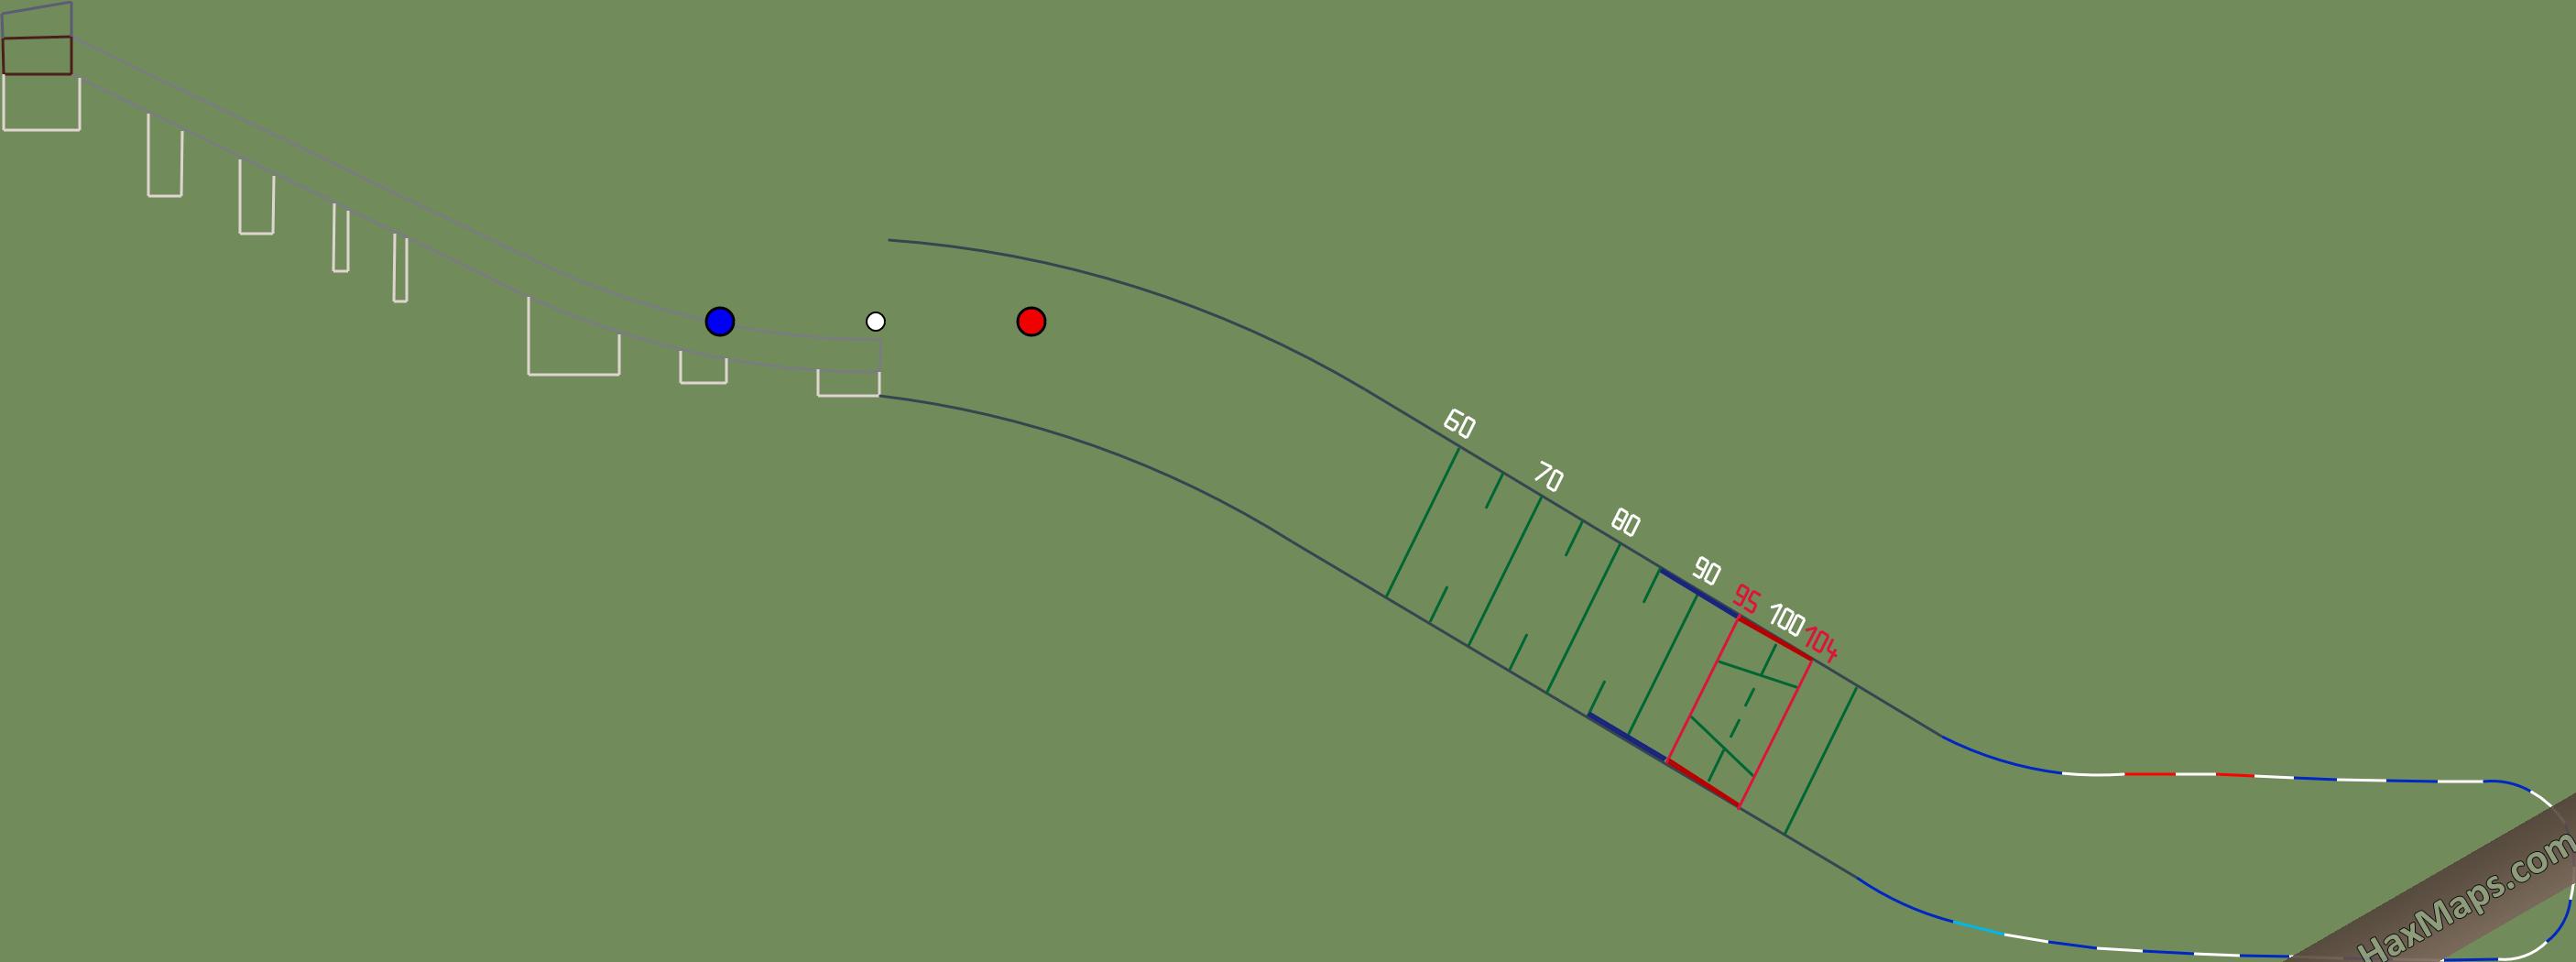 hax ball maps | Predazzo HS 104